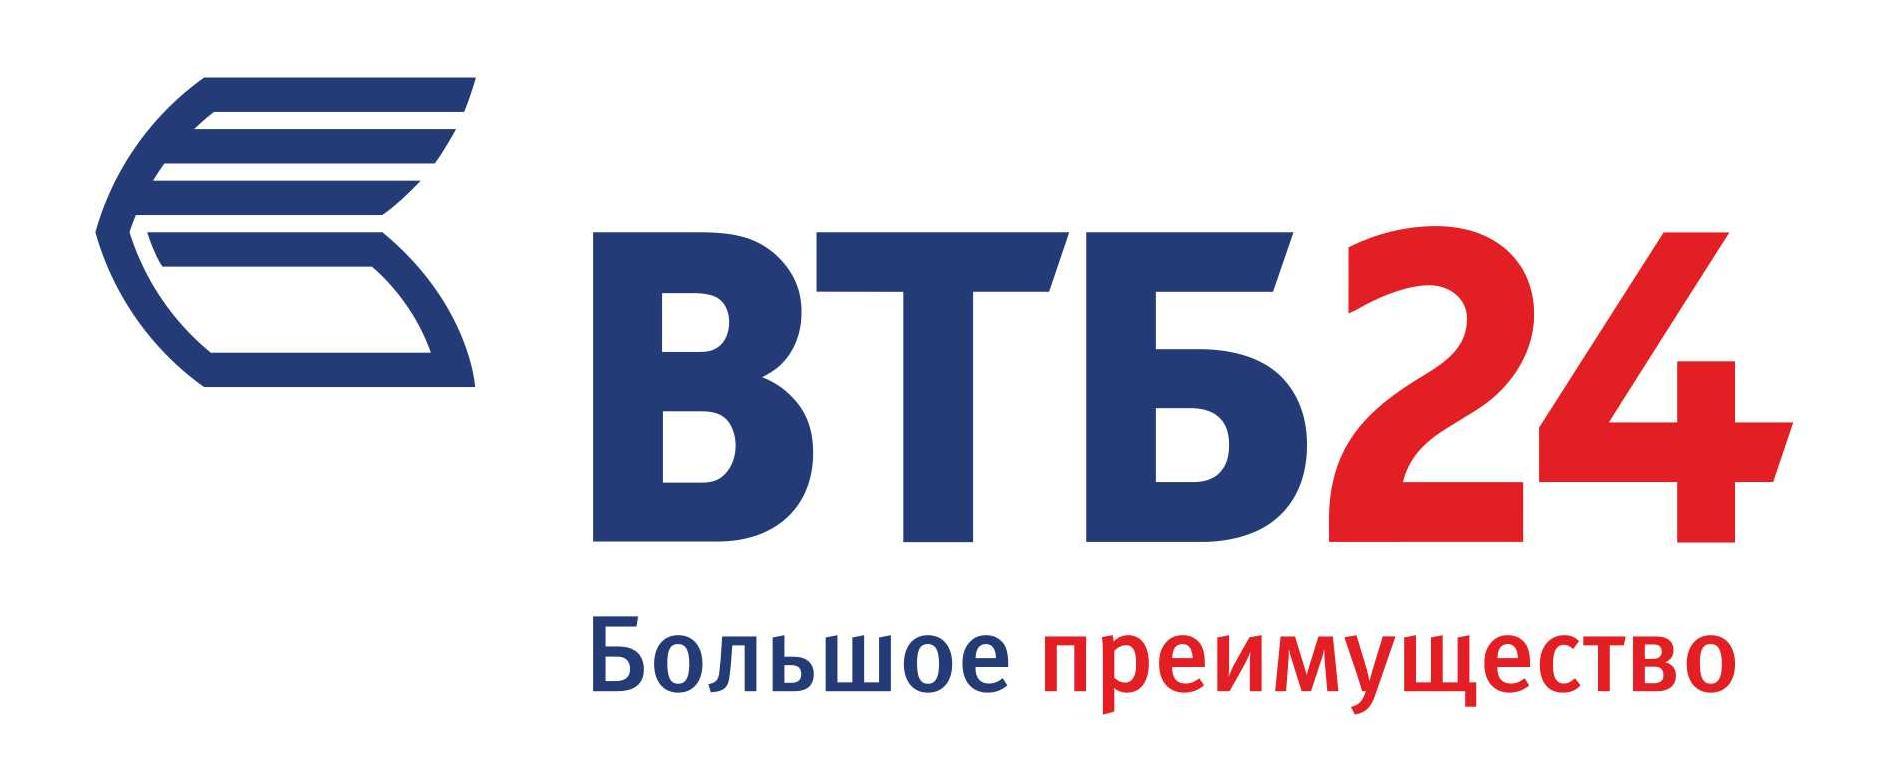 ВТБ 24, банкомат